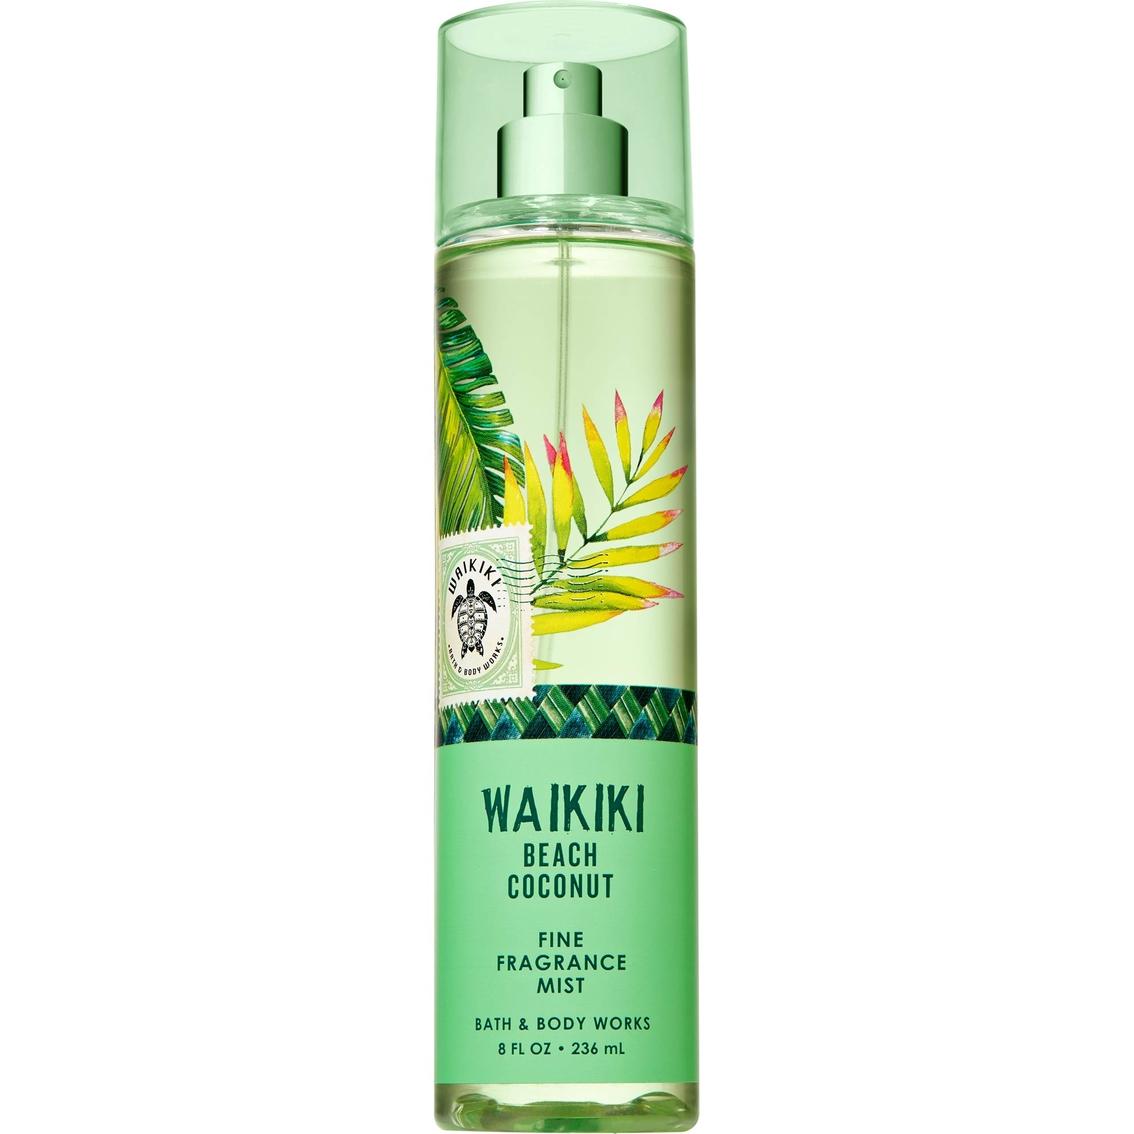 Bath Body Works Fine Fragrance Mist Waikiki Beach Coconut